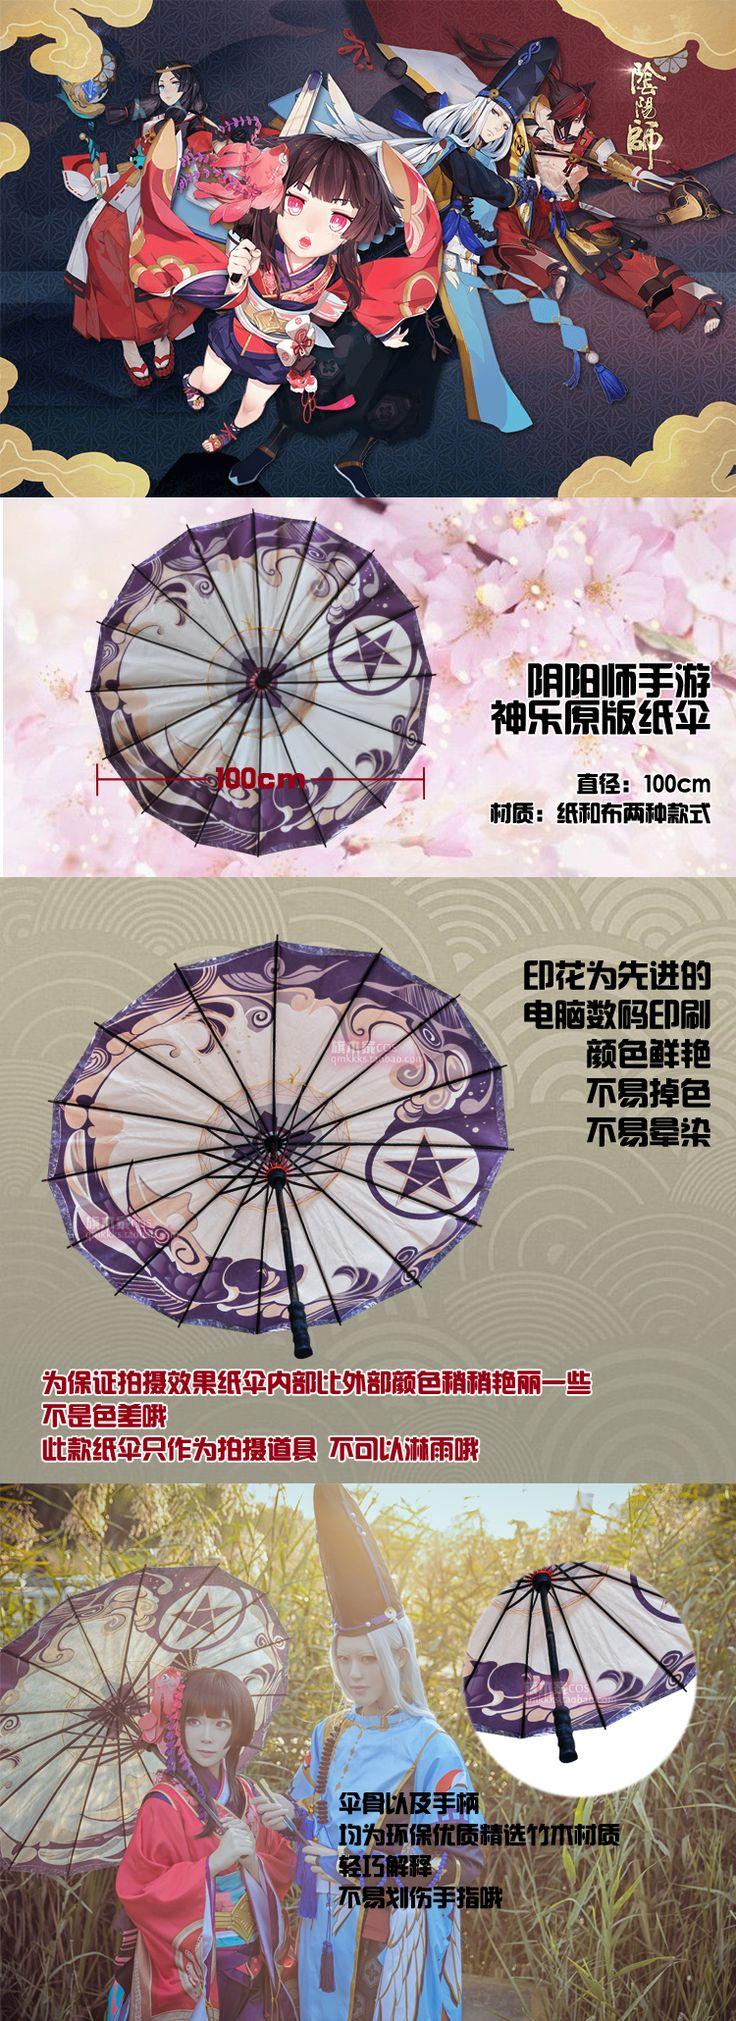 Onmyouji Kagura cosplay props original paper umbrellas umbrella umbrella cloth special spot weapons - Taobao global Station